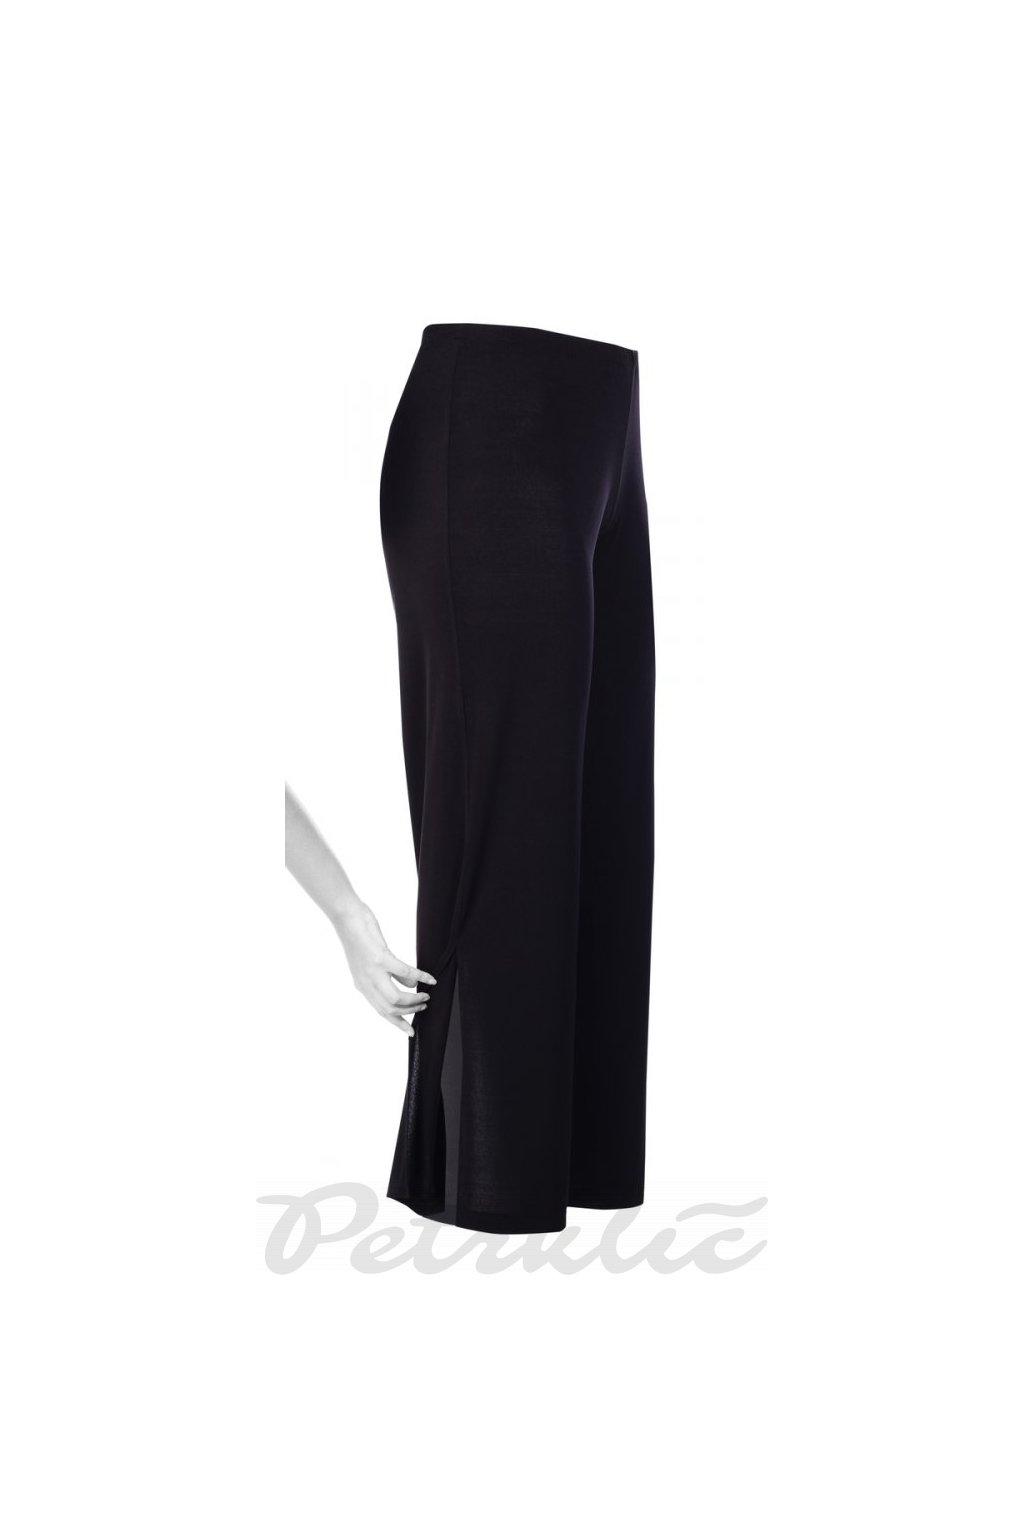 VIKTOR - kalhoty 95 - 100 cm